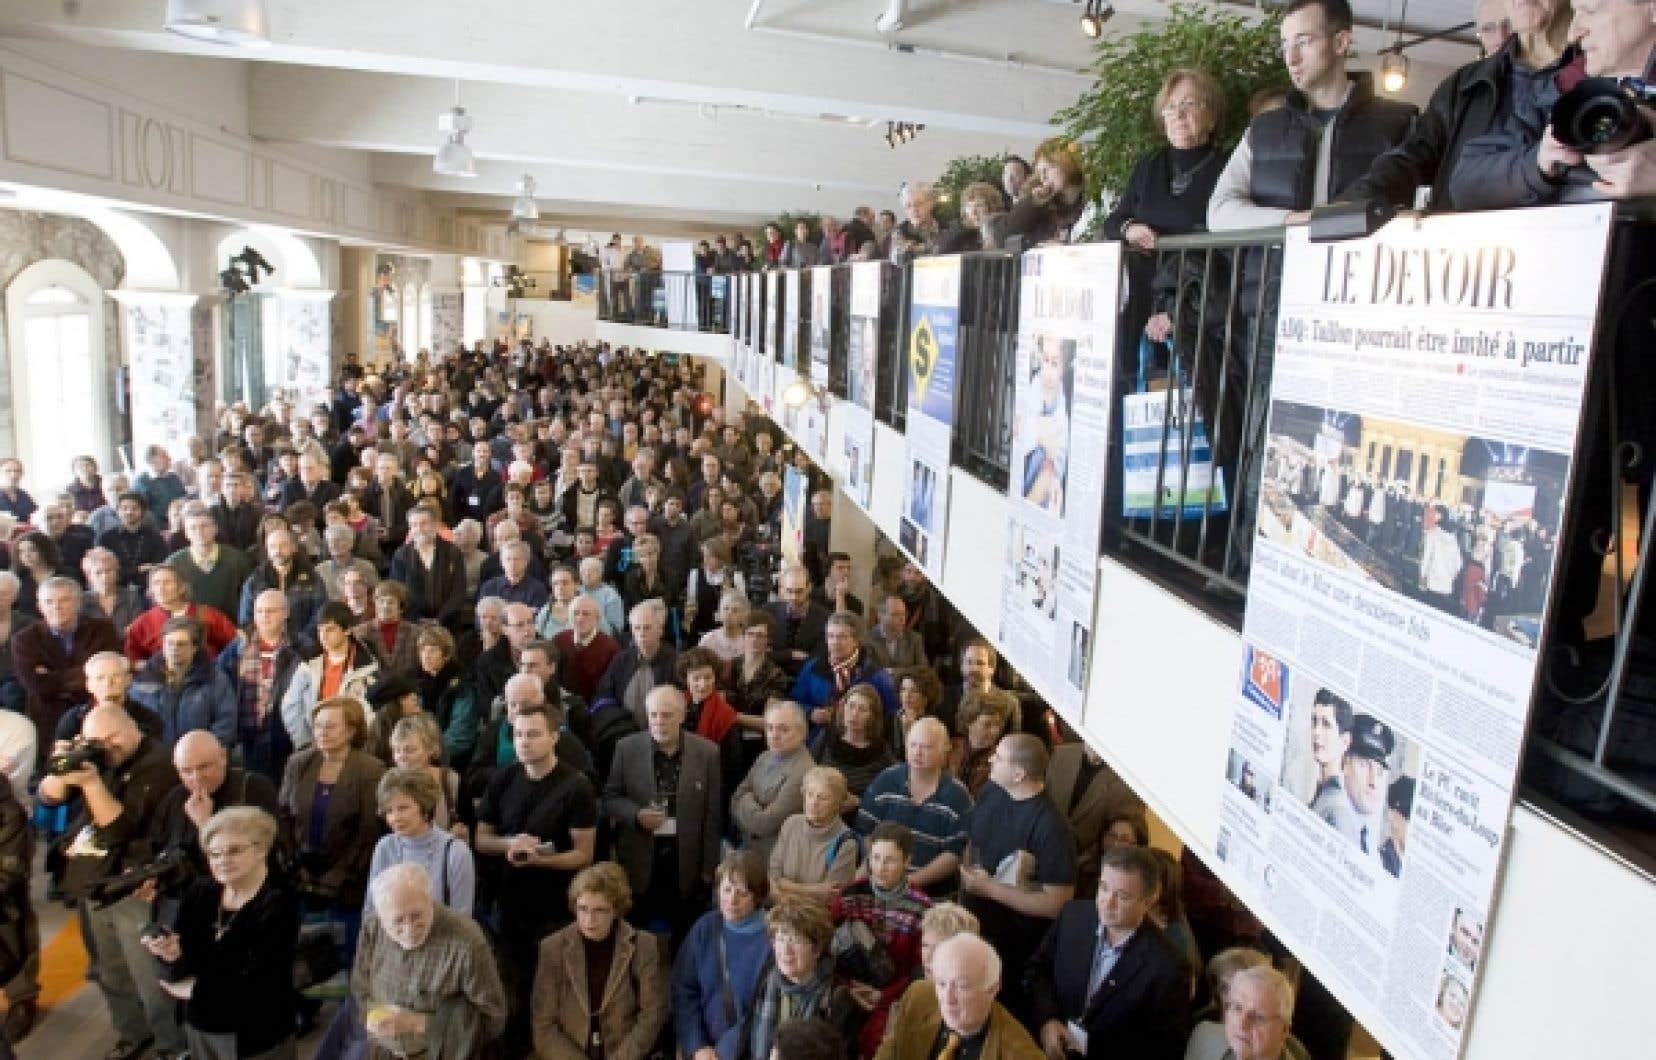 Une rencontre historique s'est déroulée au marché Bonsecours entre les artisans du Devoir et les lecteurs à l'occasion des festivités qui ont marqué hier les 100 ans du journal.